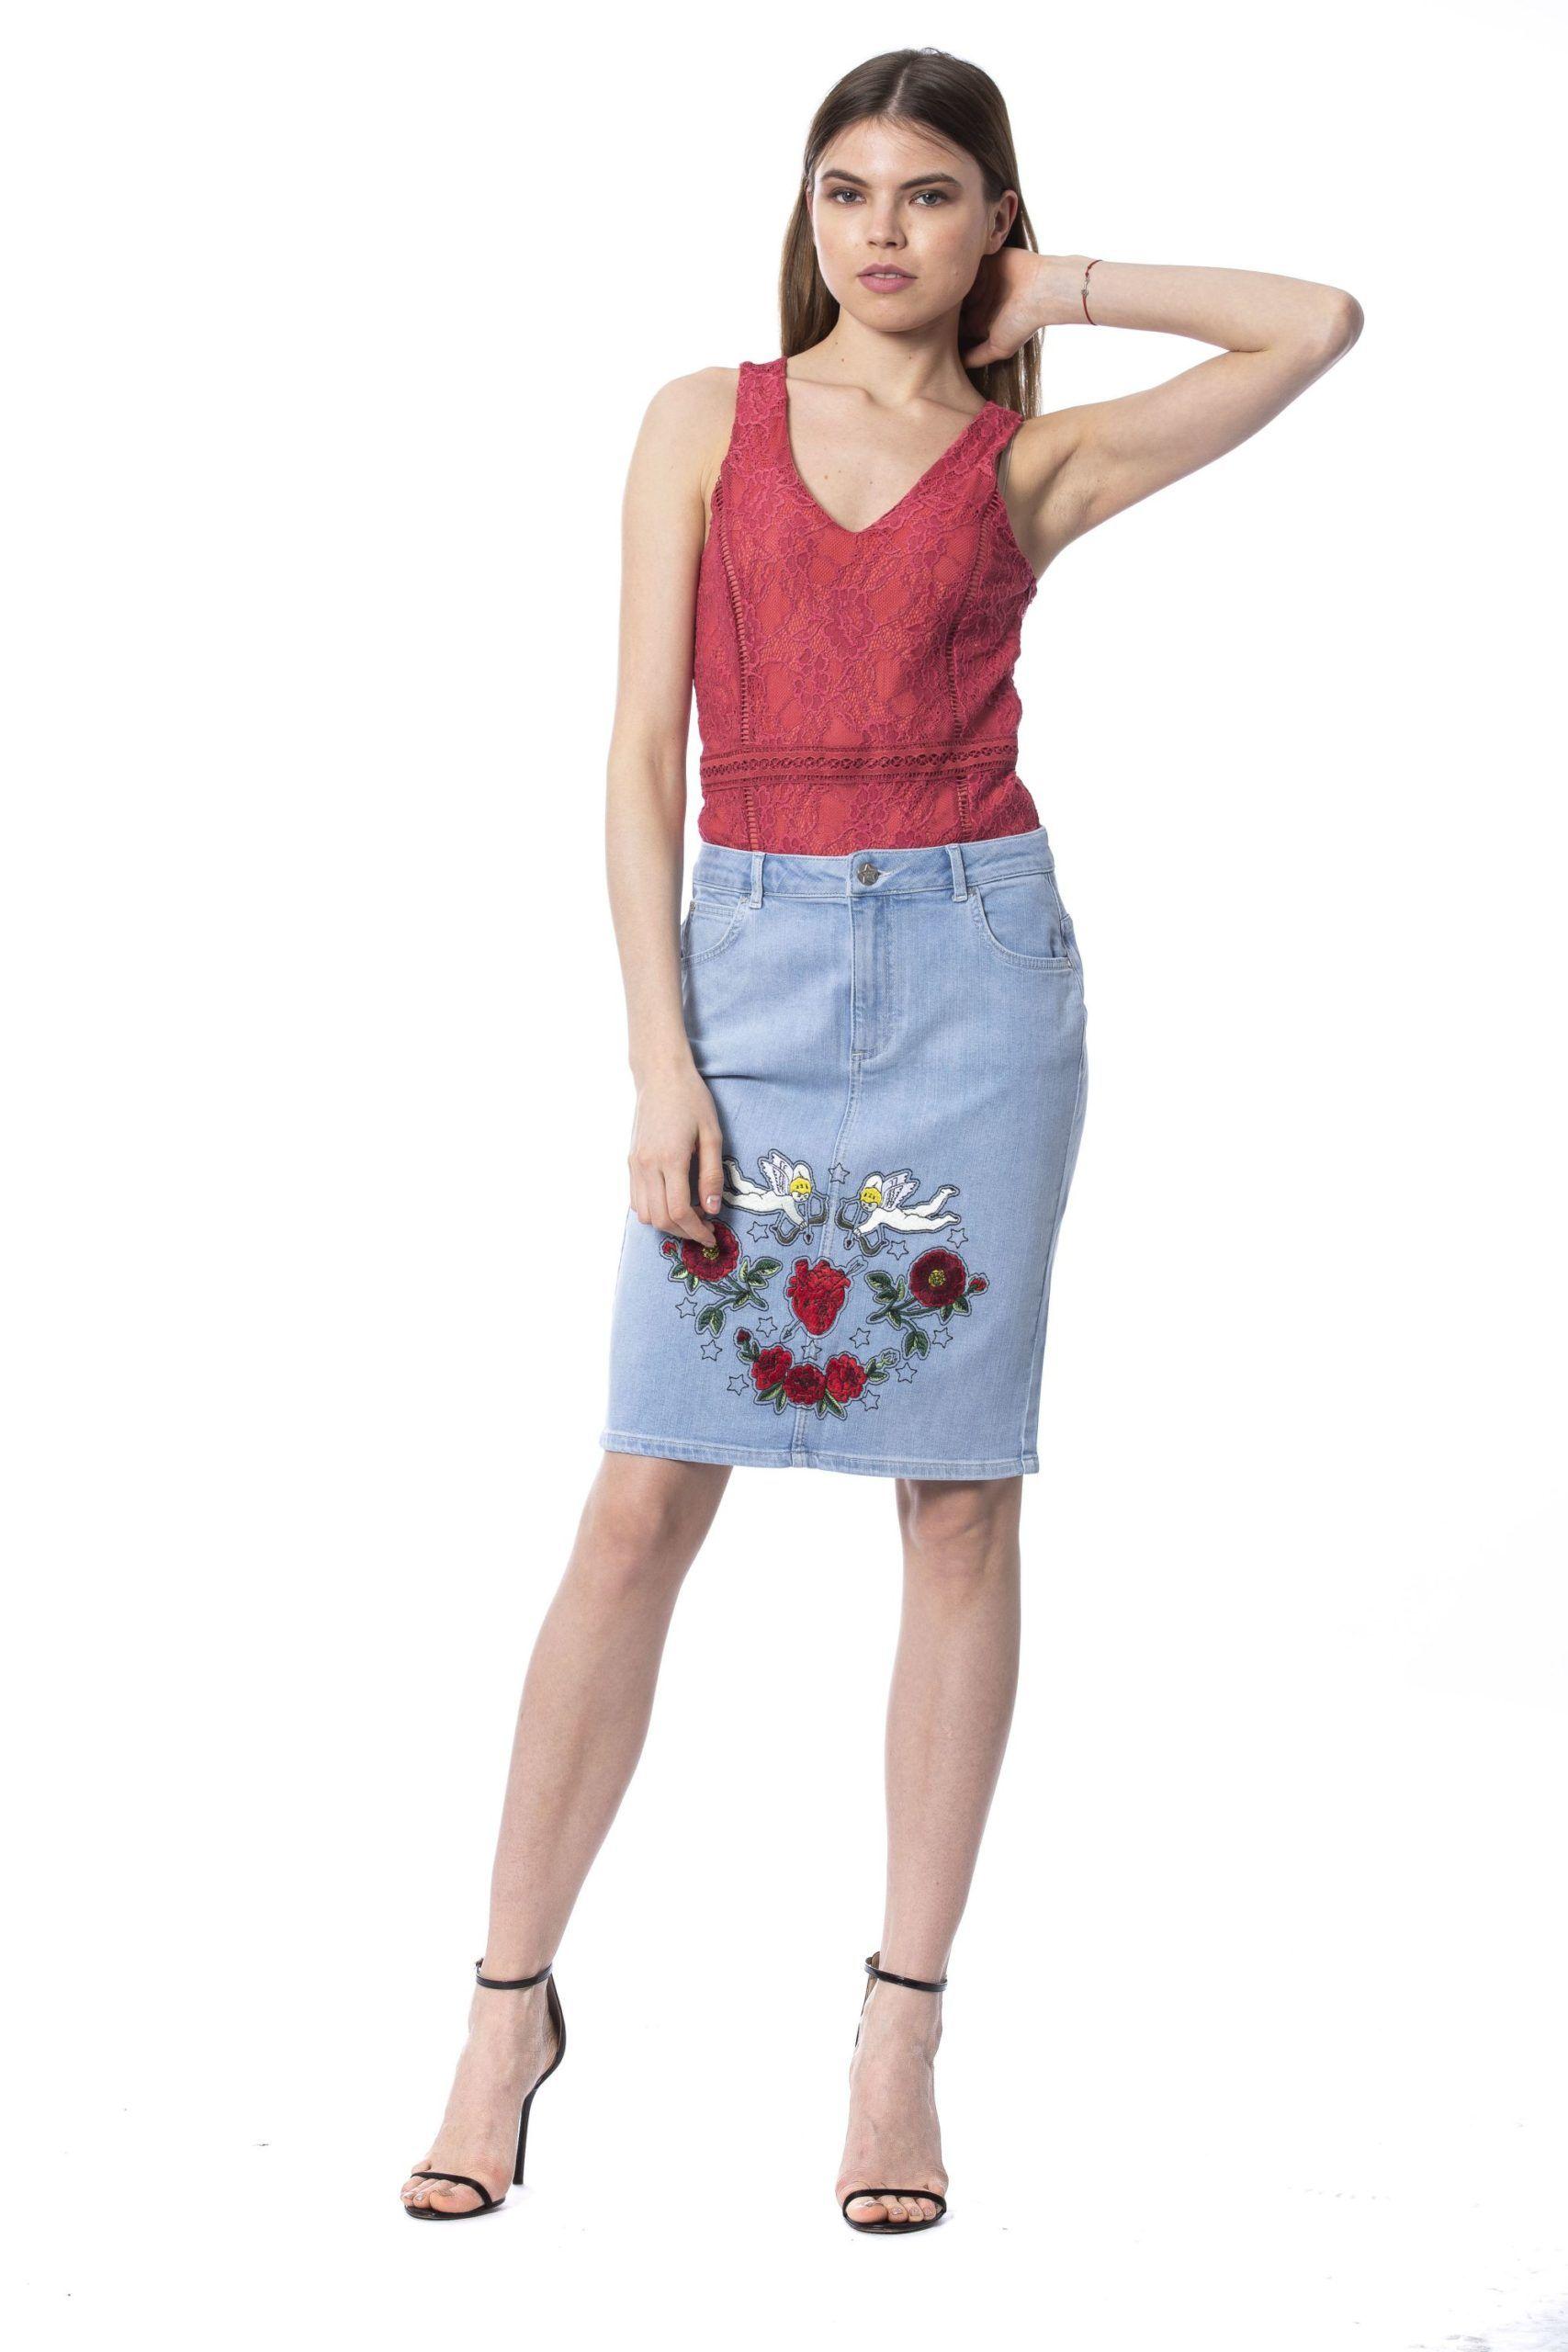 Silvian Heach Cherry Top